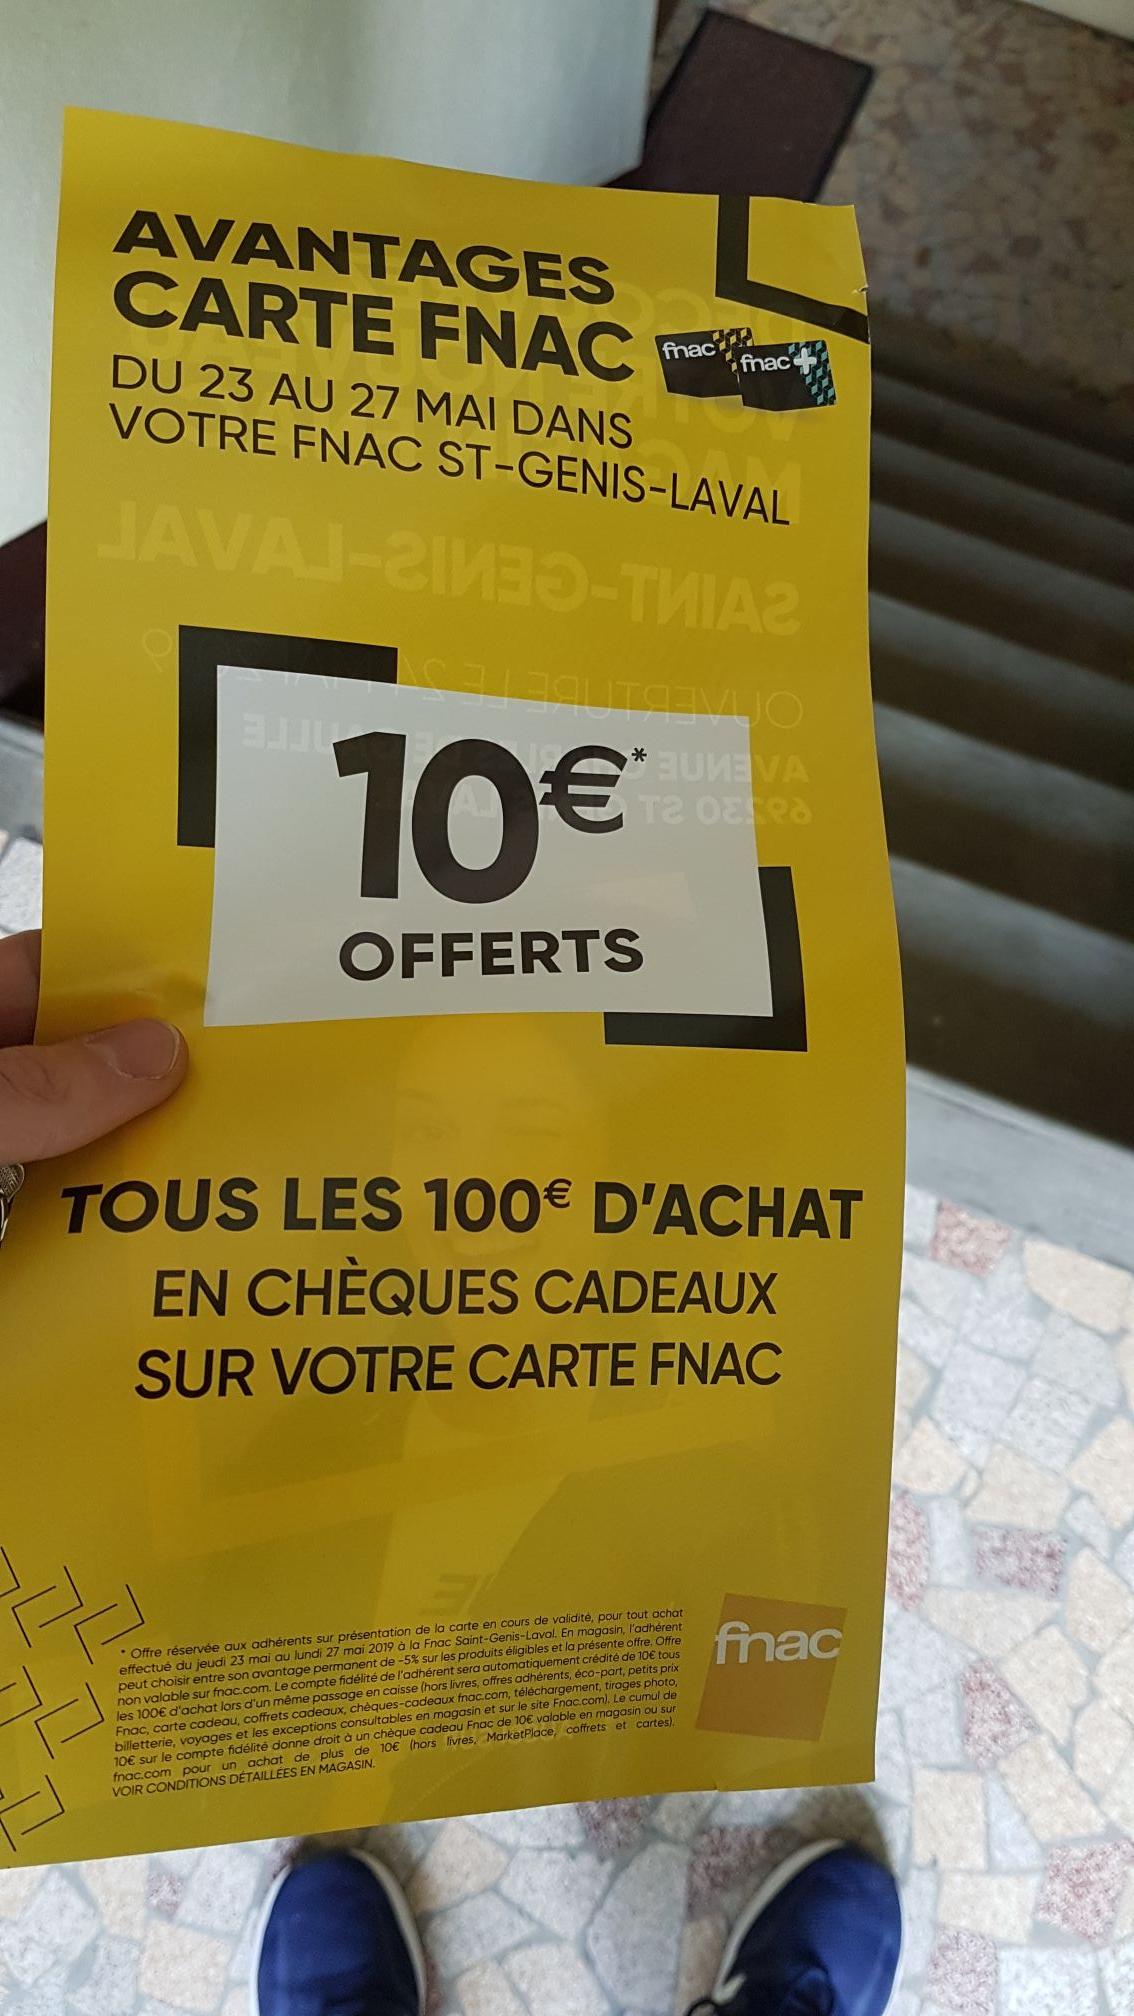 [Adhérents] 10€ offerts sur la carte de fidélité tous les 100€ d'achat (hors livres et exceptions) - Saint-Genis-Laval (69)